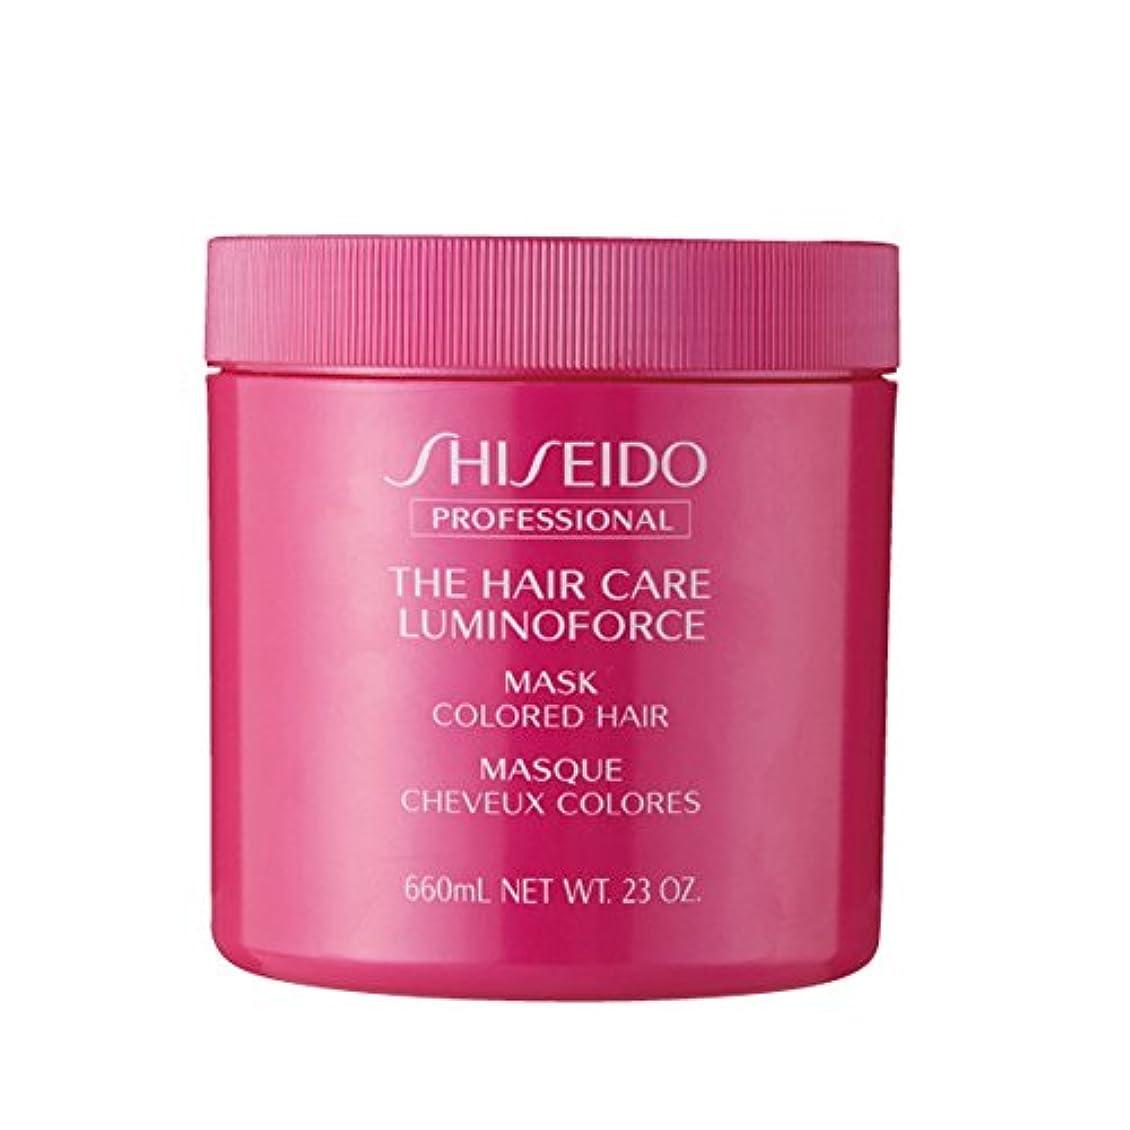 動物イル貧しい資生堂 THC ルミノフォースマスク 680g ×2個 セットヘアカラーを繰り返したごわついた髪を、芯からしなやかでつややかな髪へSHISEIDO LUMINOFORCE